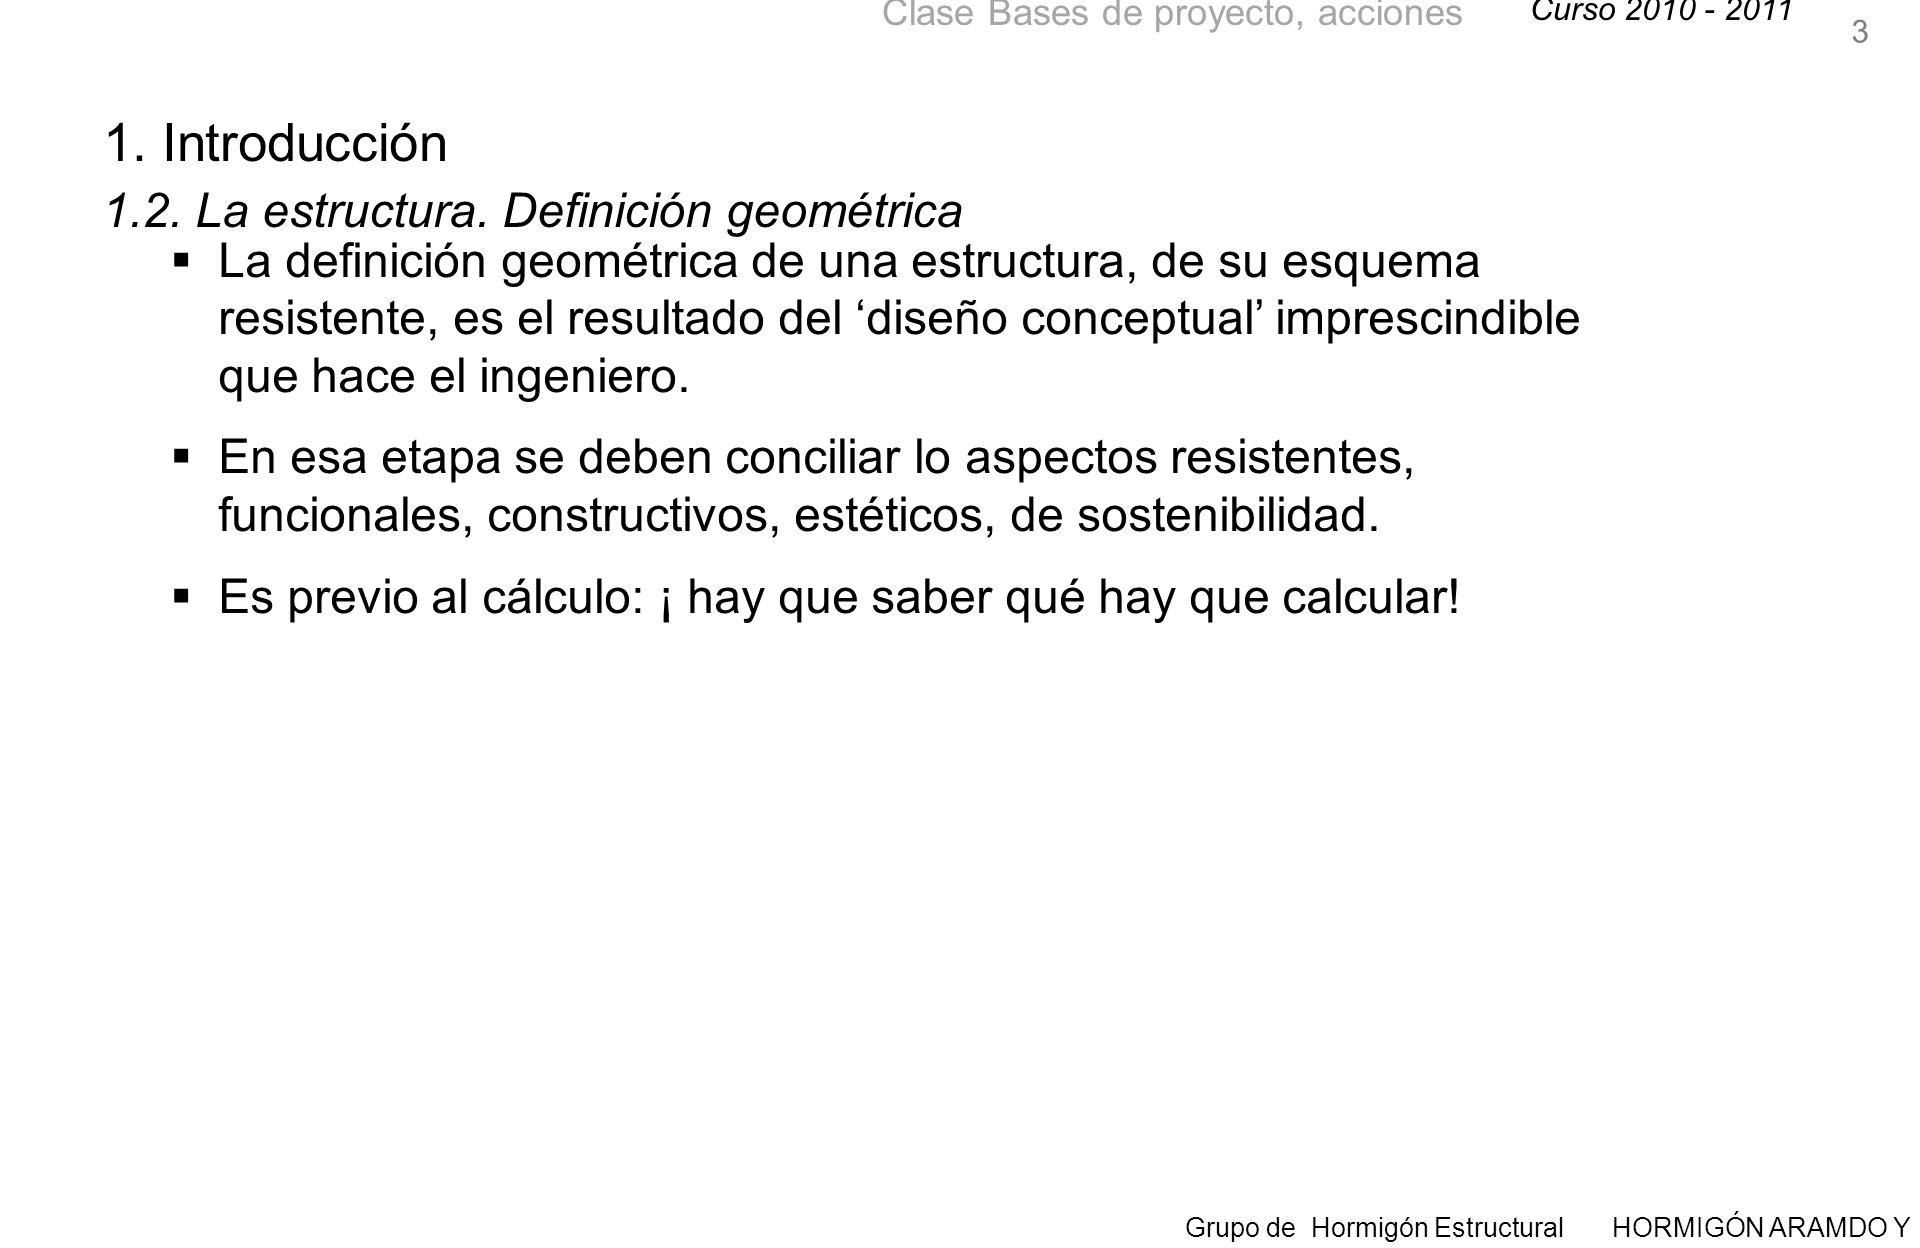 1. Introducción 1.2. La estructura. Definición geométrica